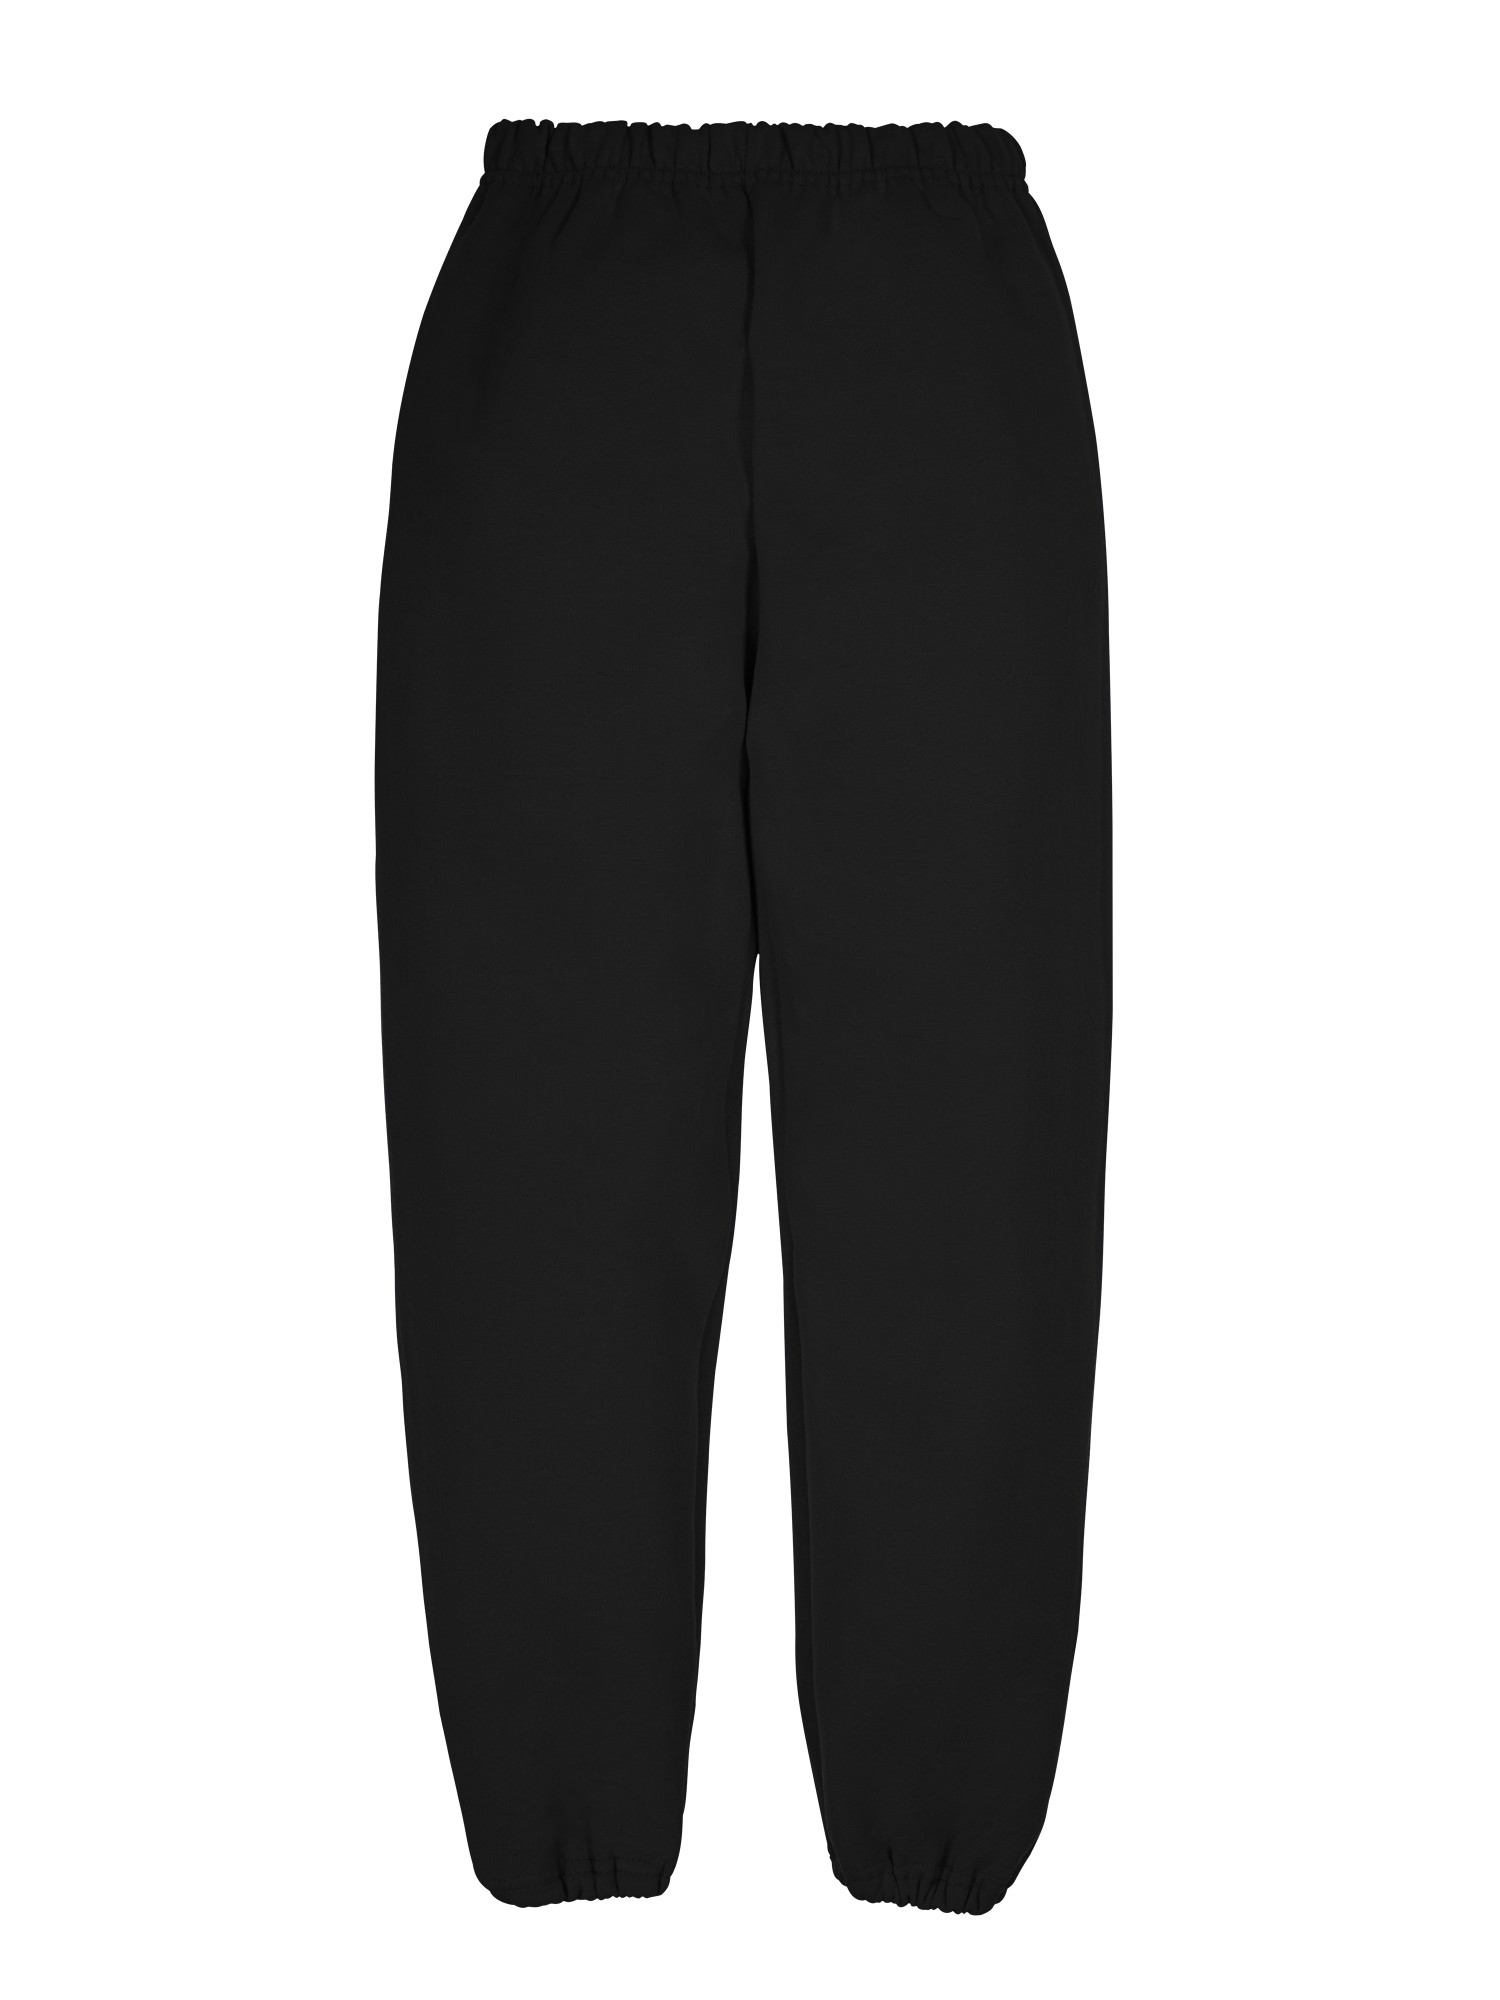 Mid-Weight Fleece Elastic Bottom Sweatpants (Little Boys & Big Boys)